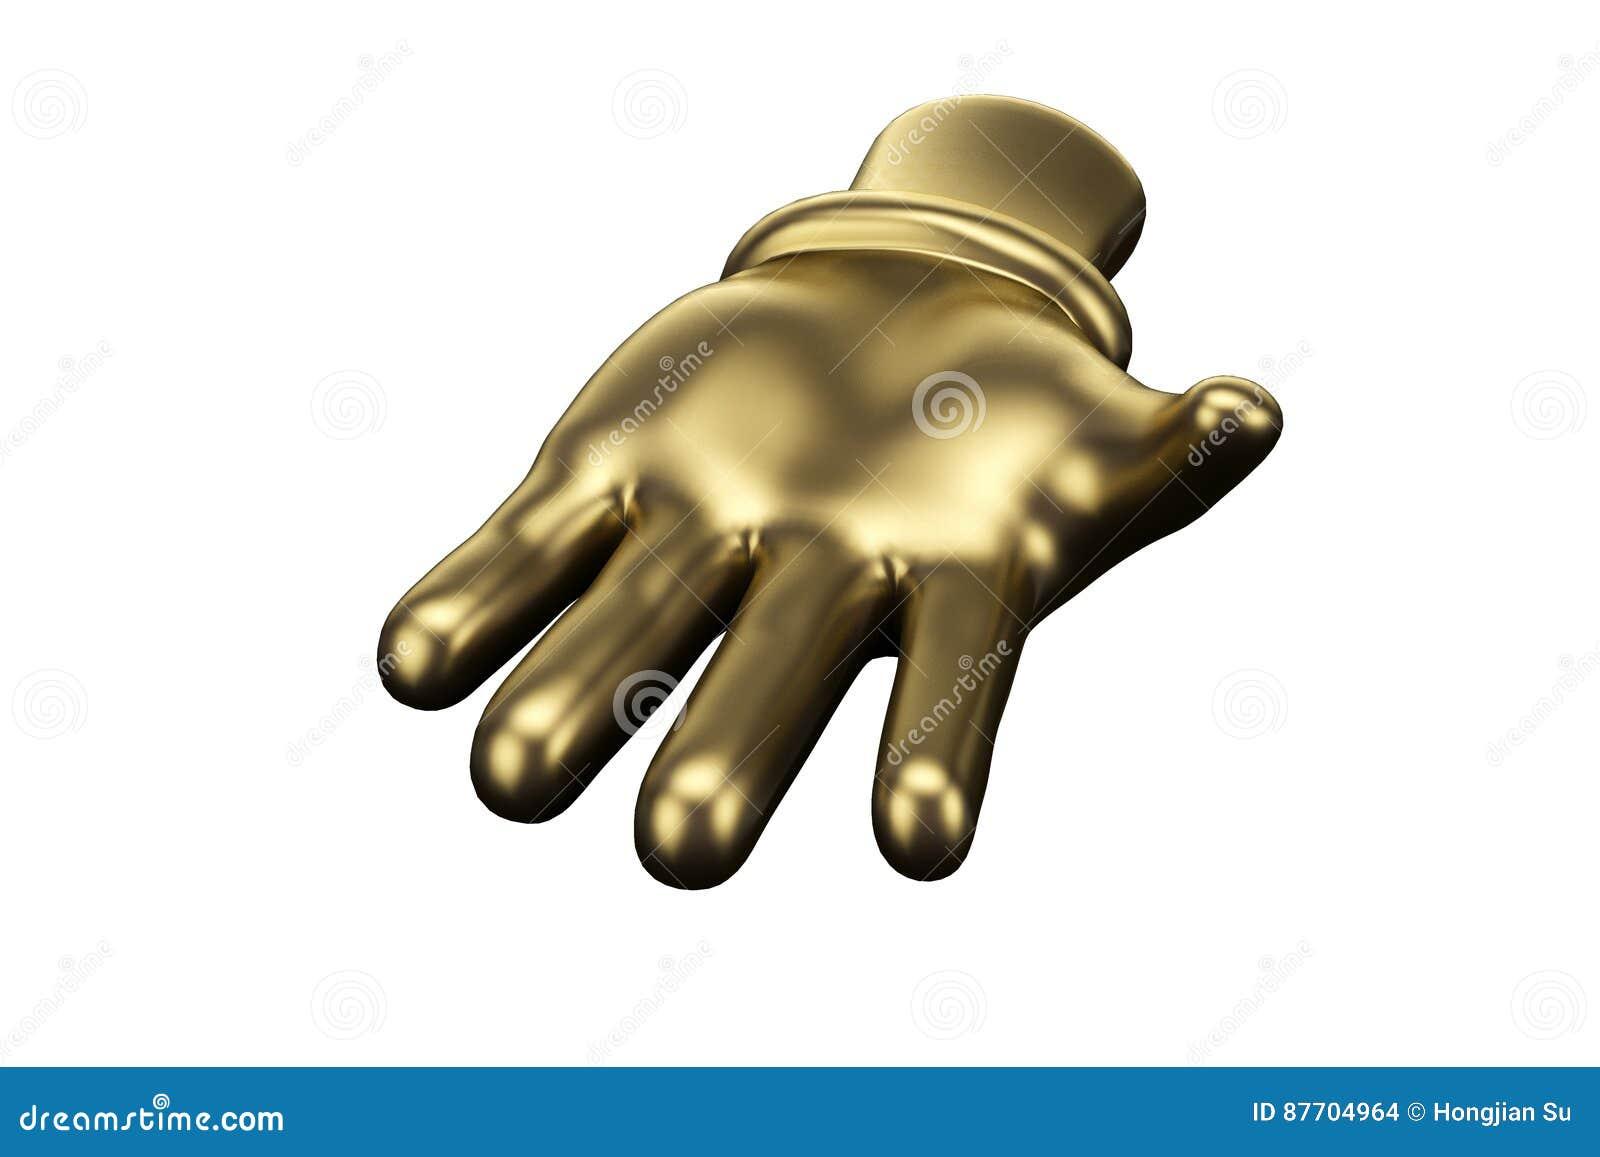 Doigt d or, main ouverte illustration 3D